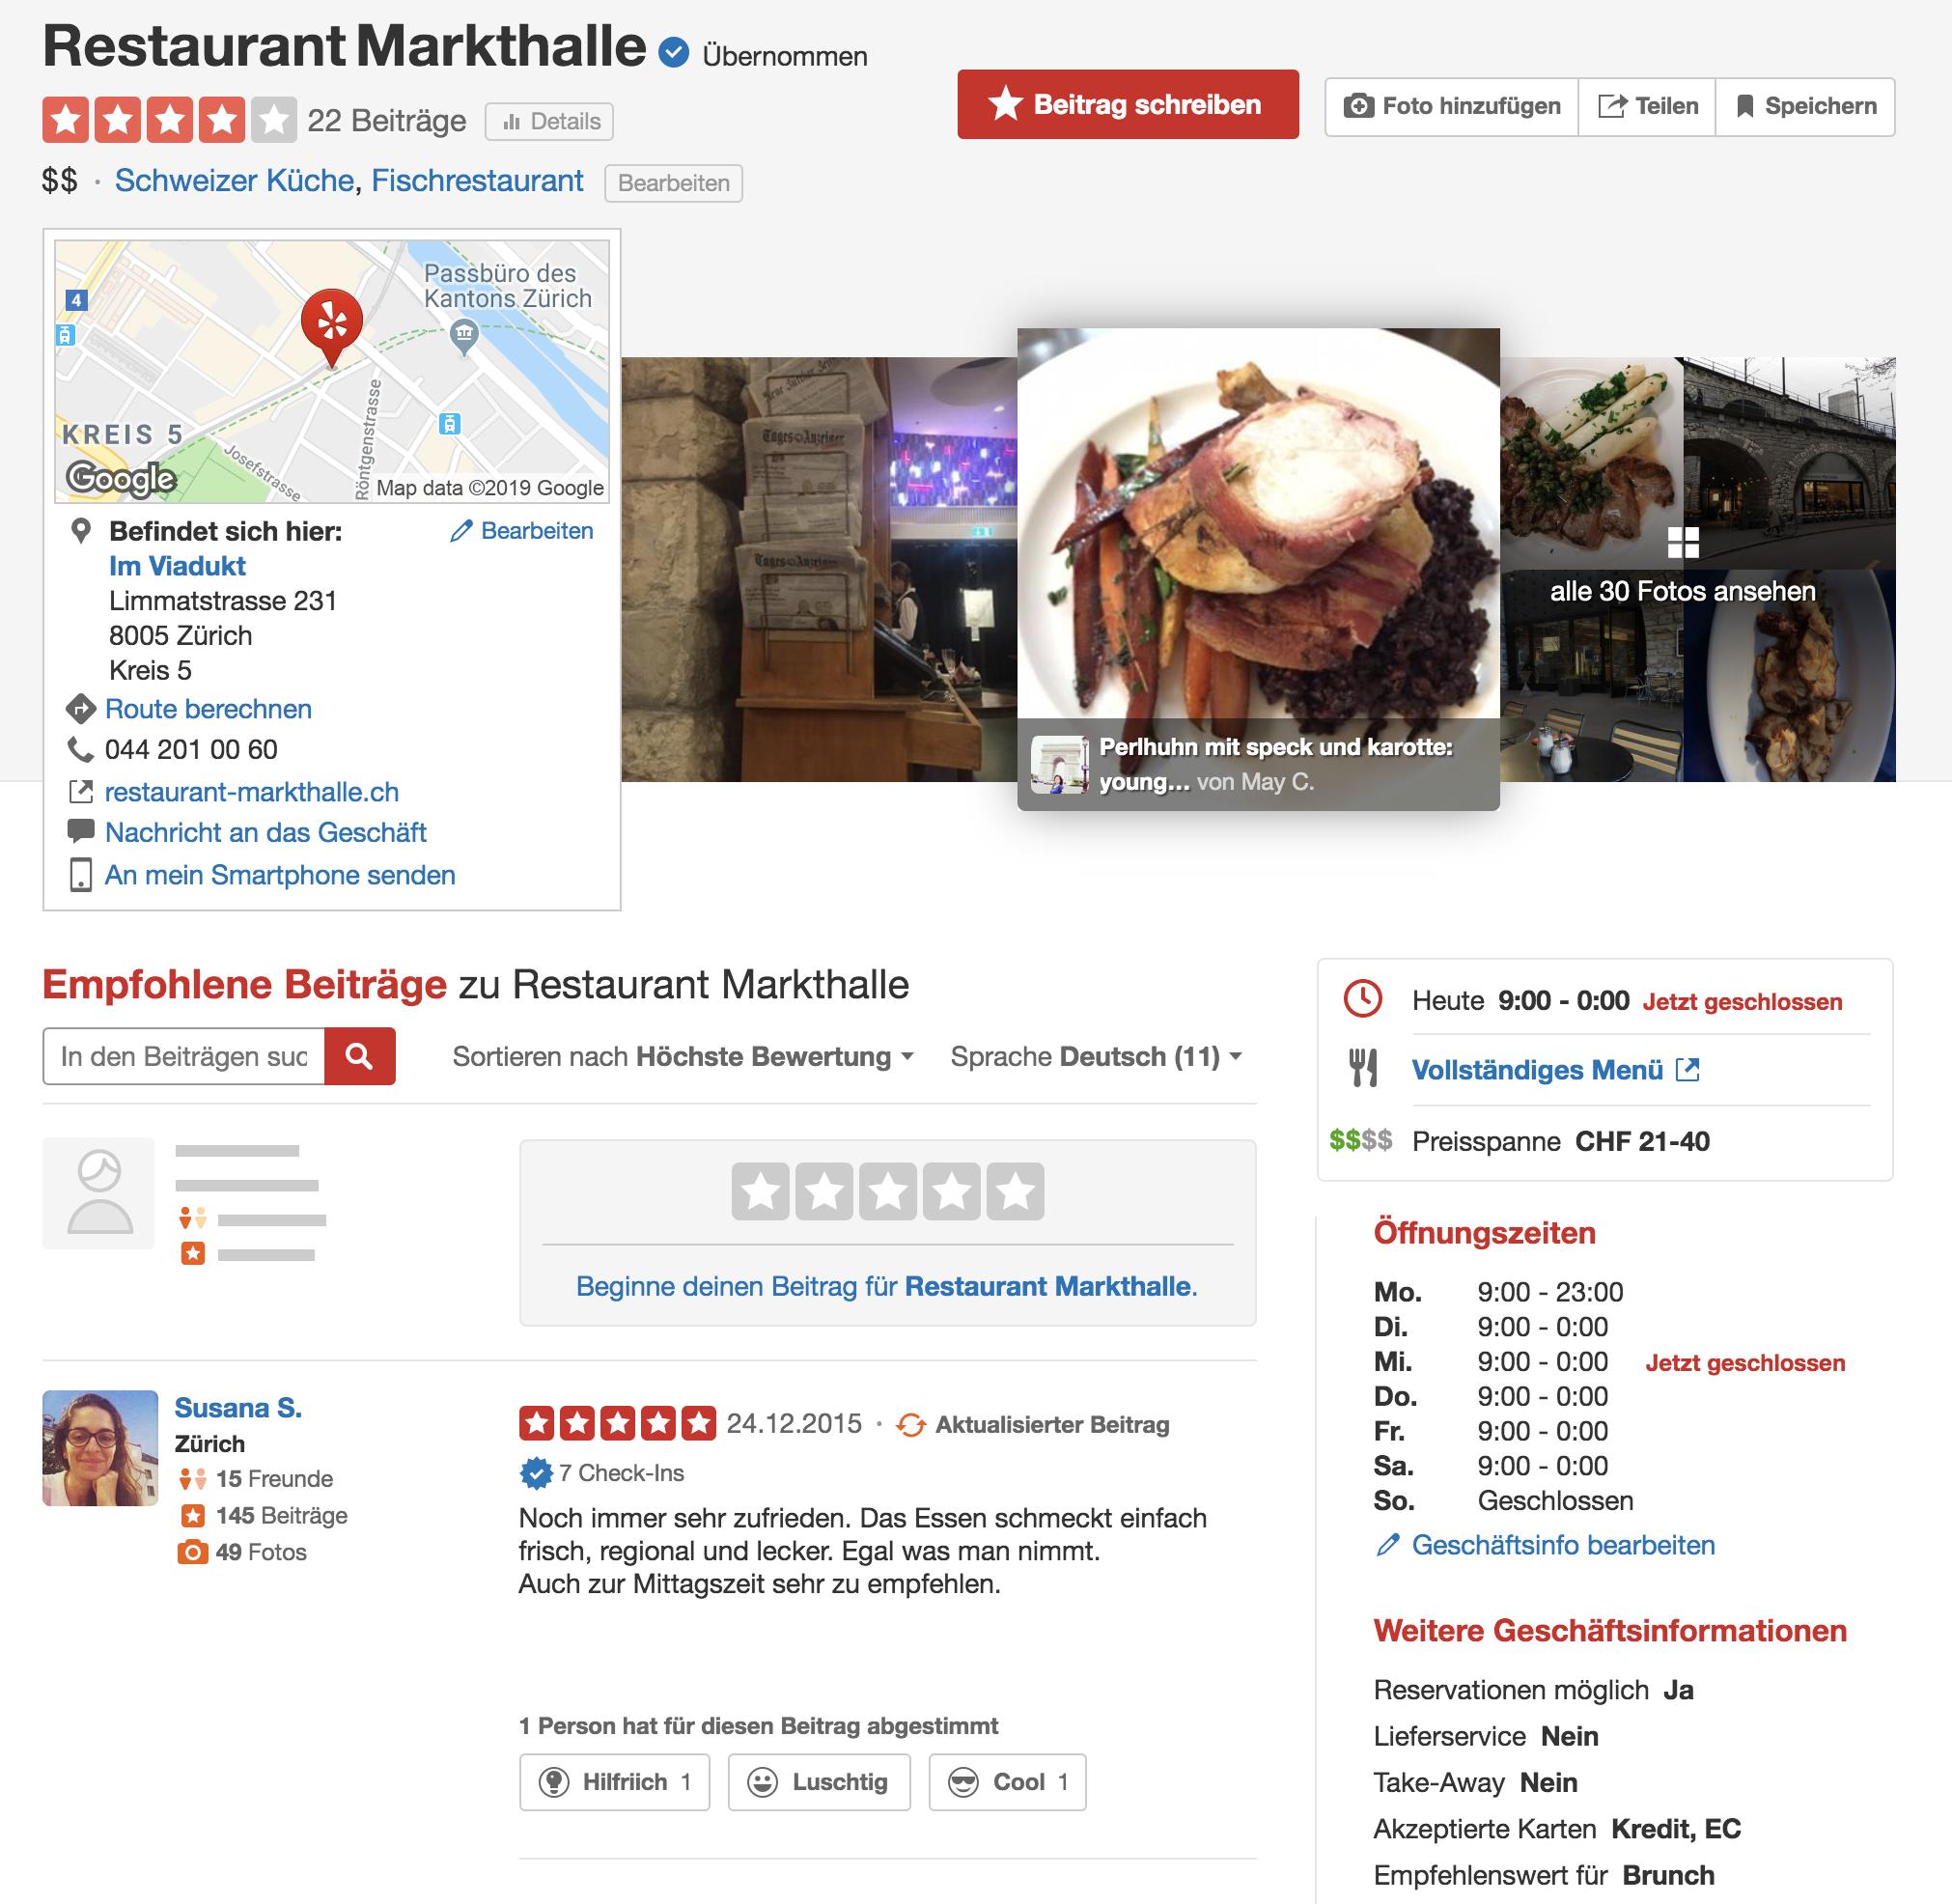 Yelp Profil der Markthalle in Zürich. Quelle: Yelp